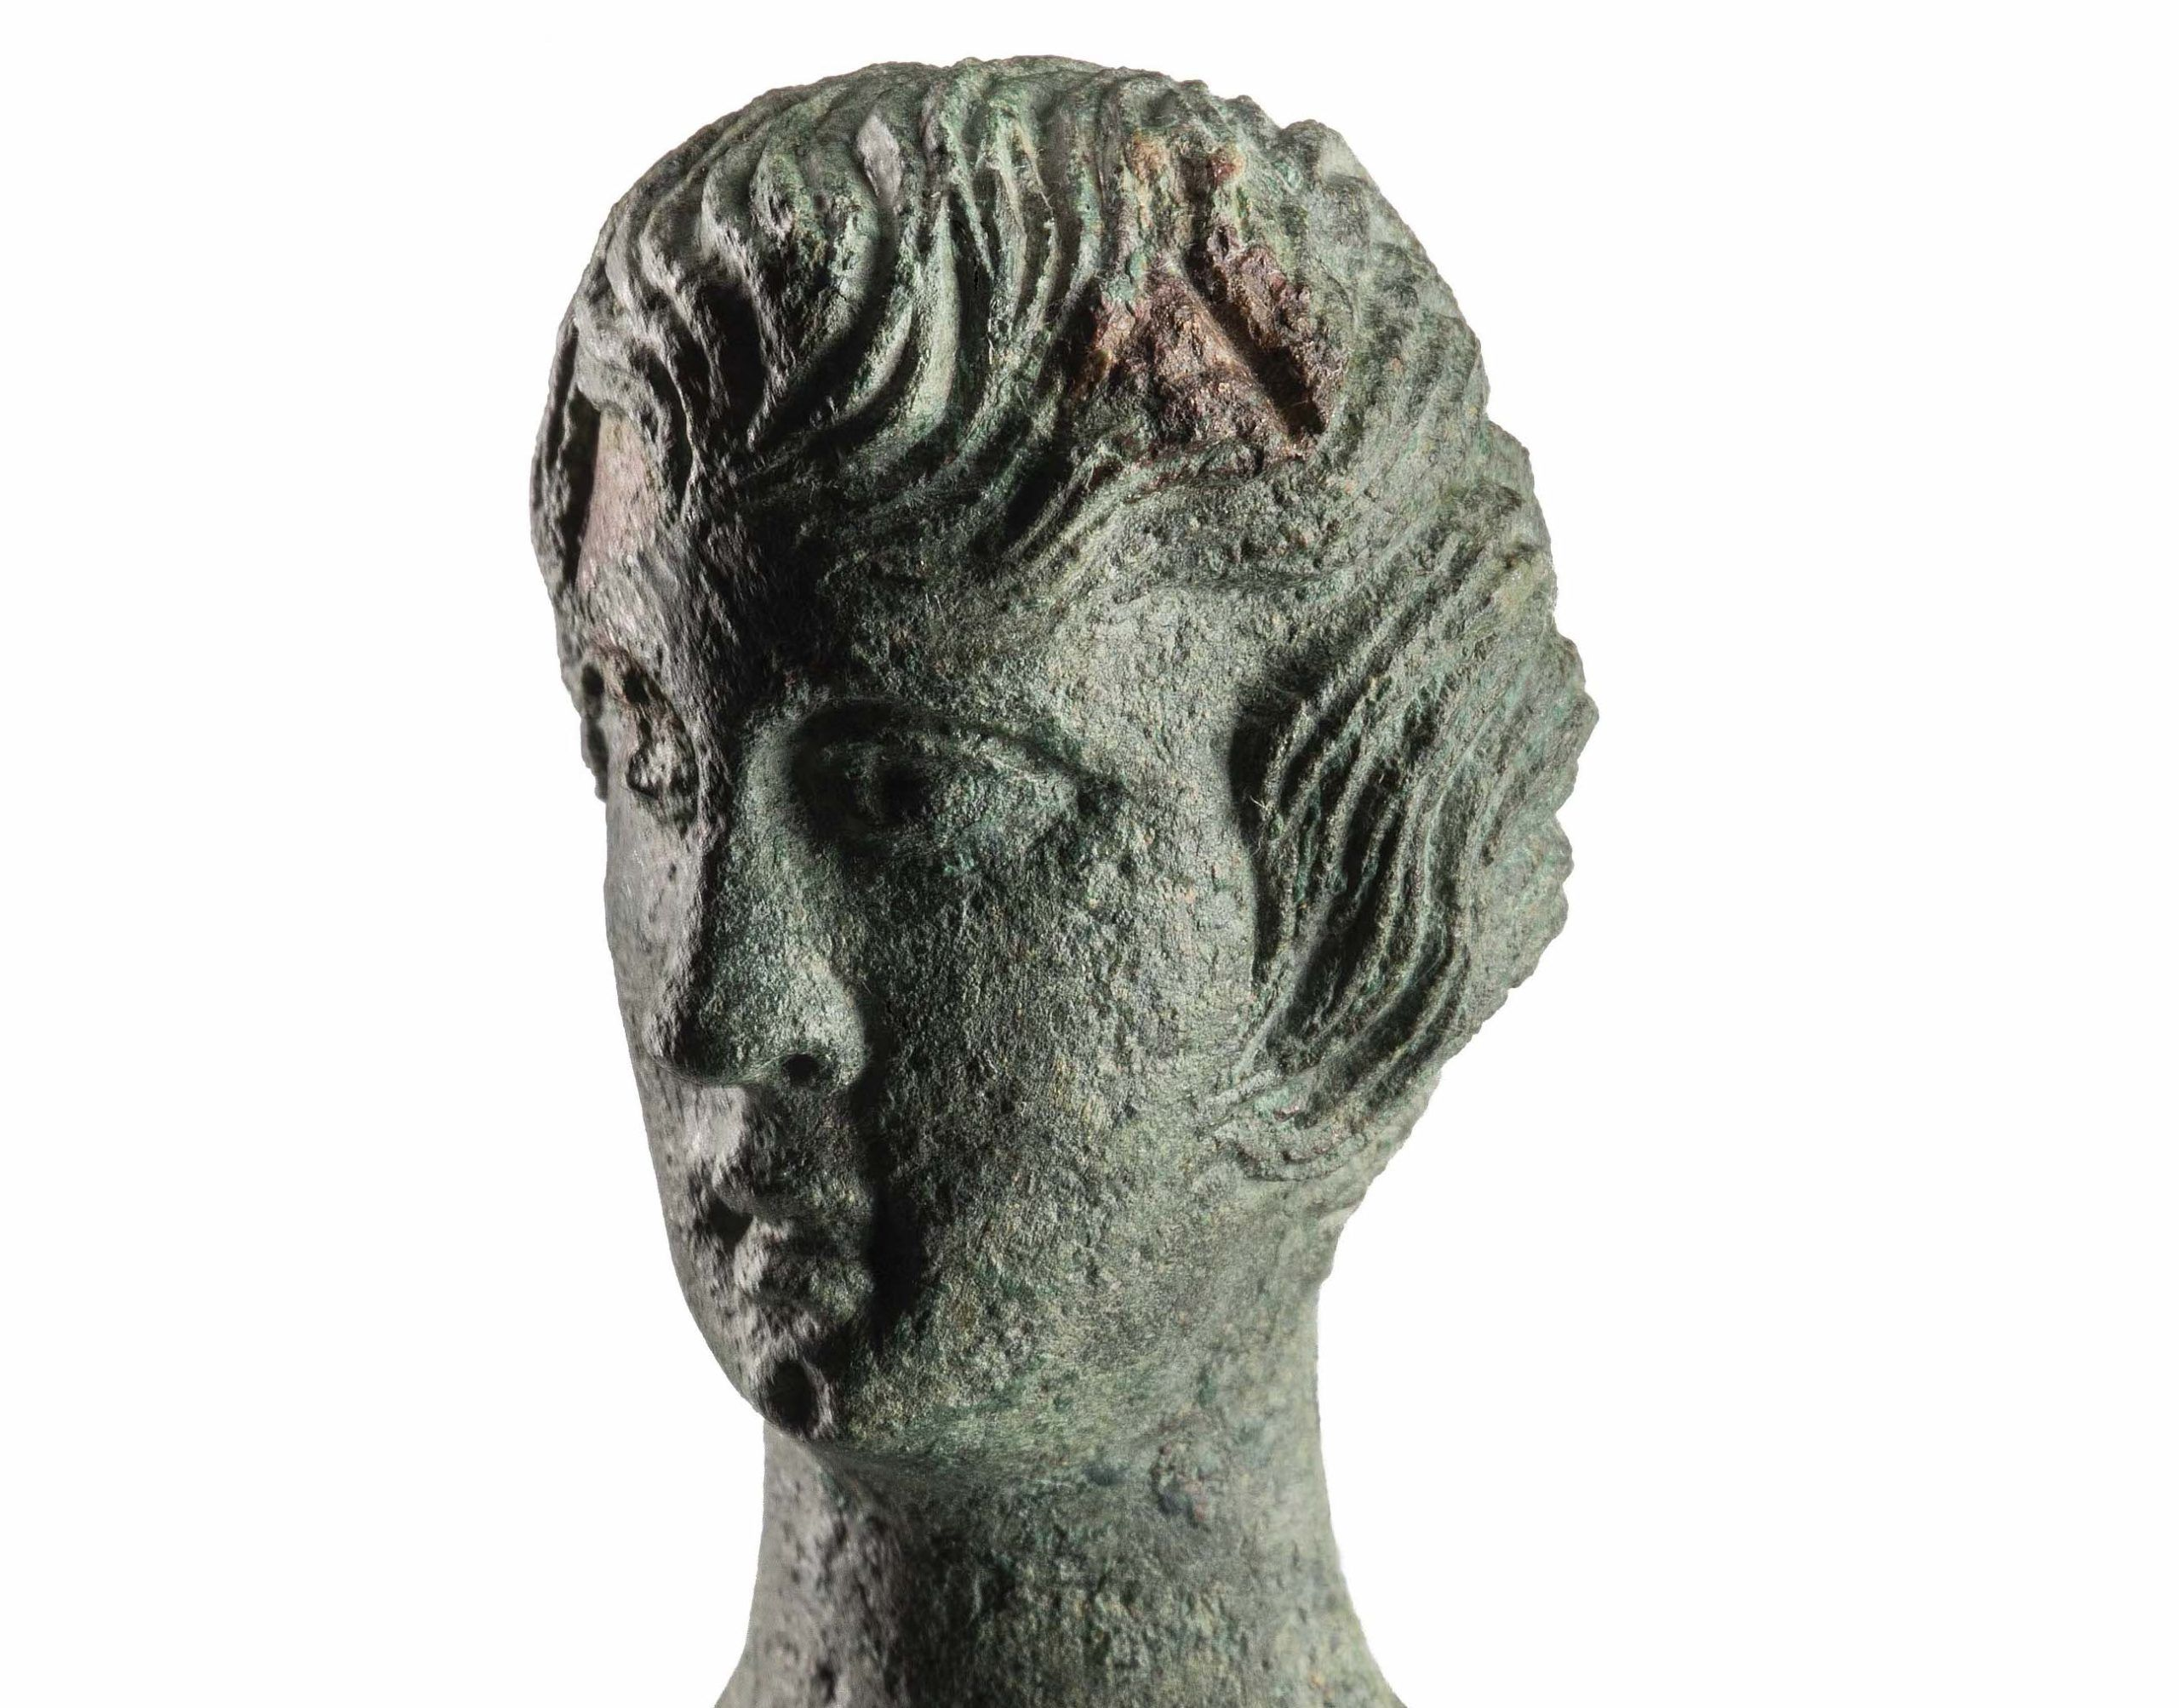 Straordinarie scoperte a San Gimignano: un eccezionale bronzetto e reperti rituali etruschi e romani